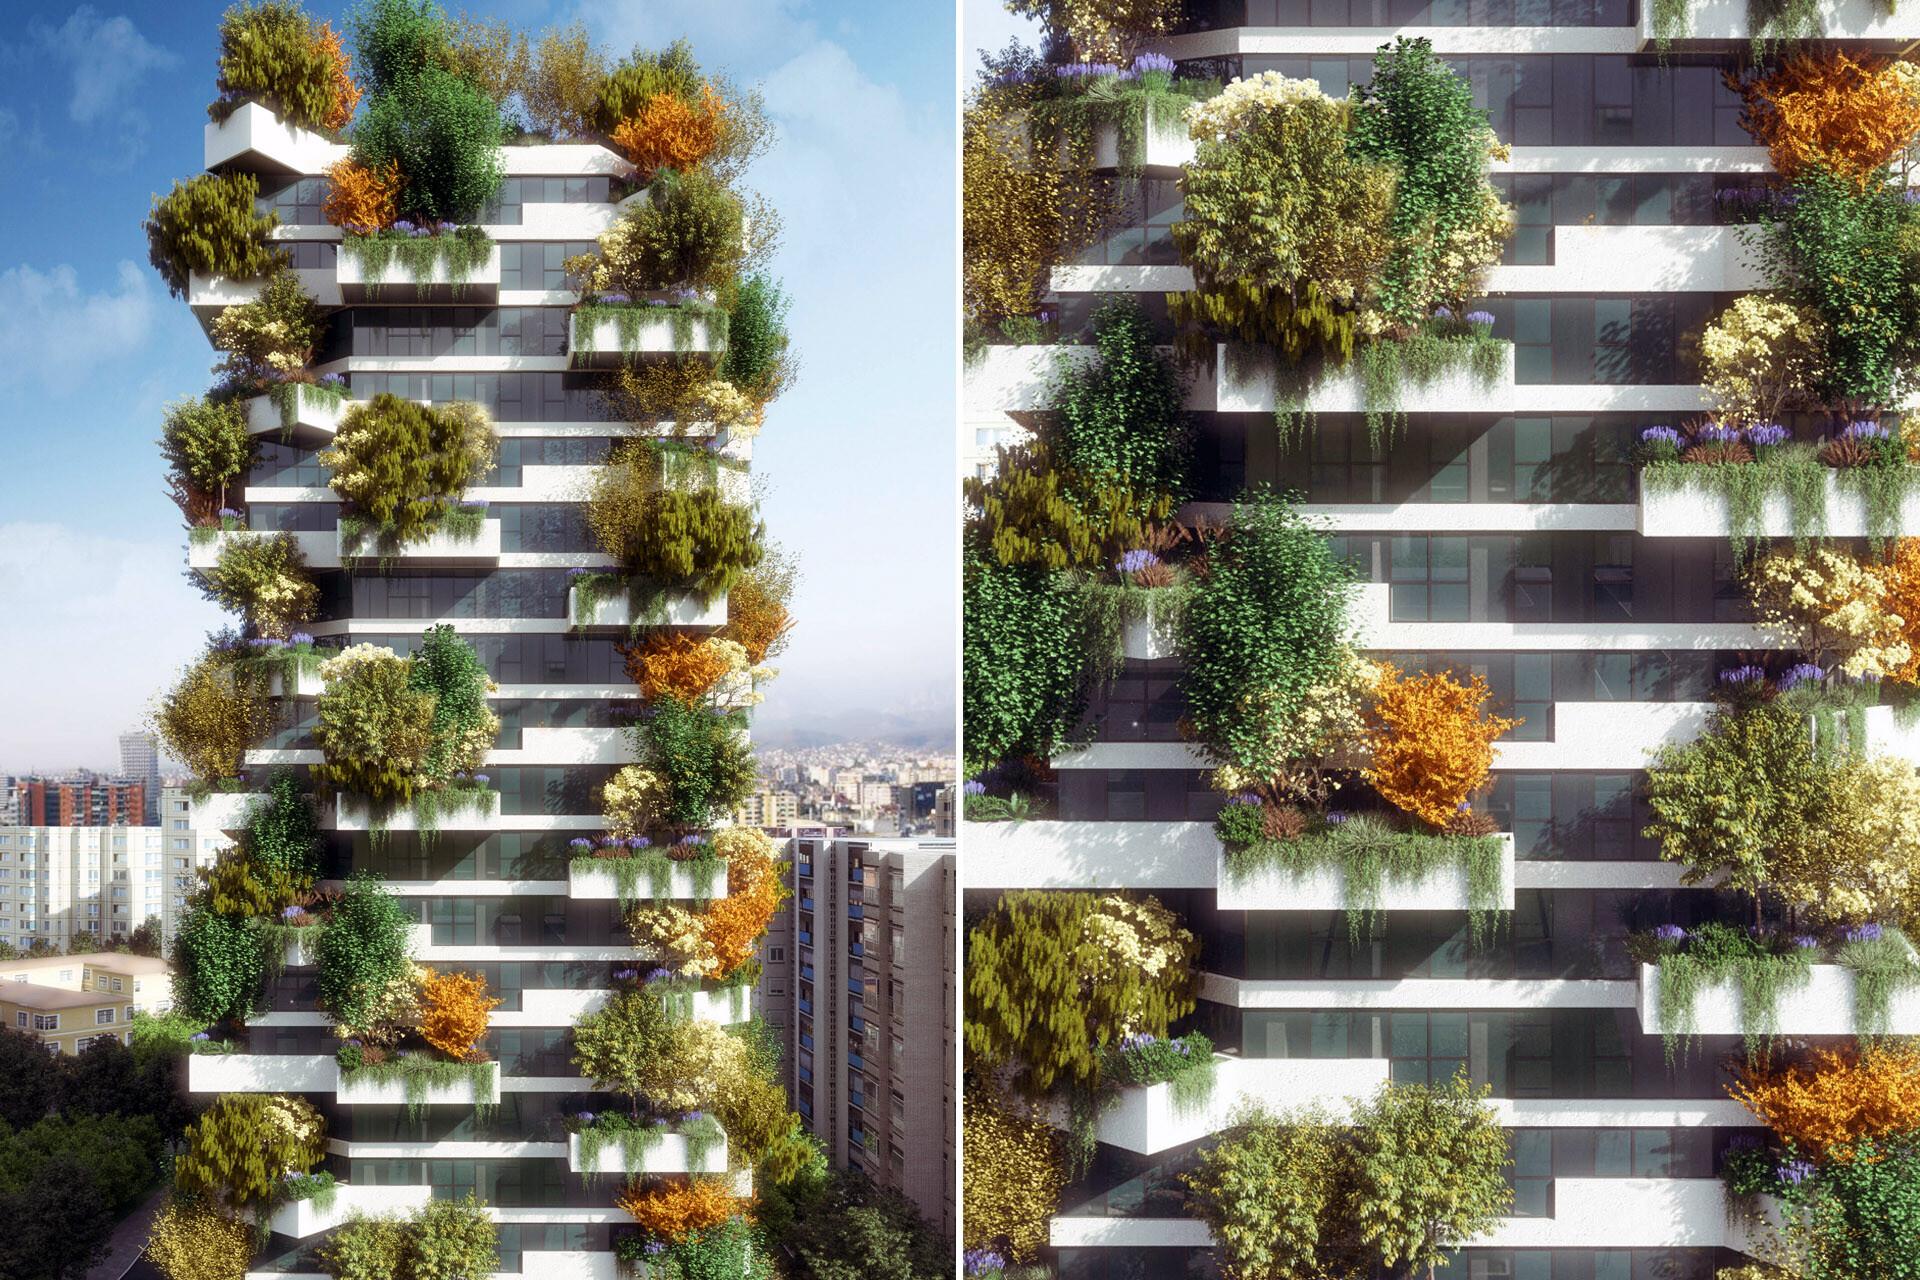 Facade Design Vertical Forrest Tirana